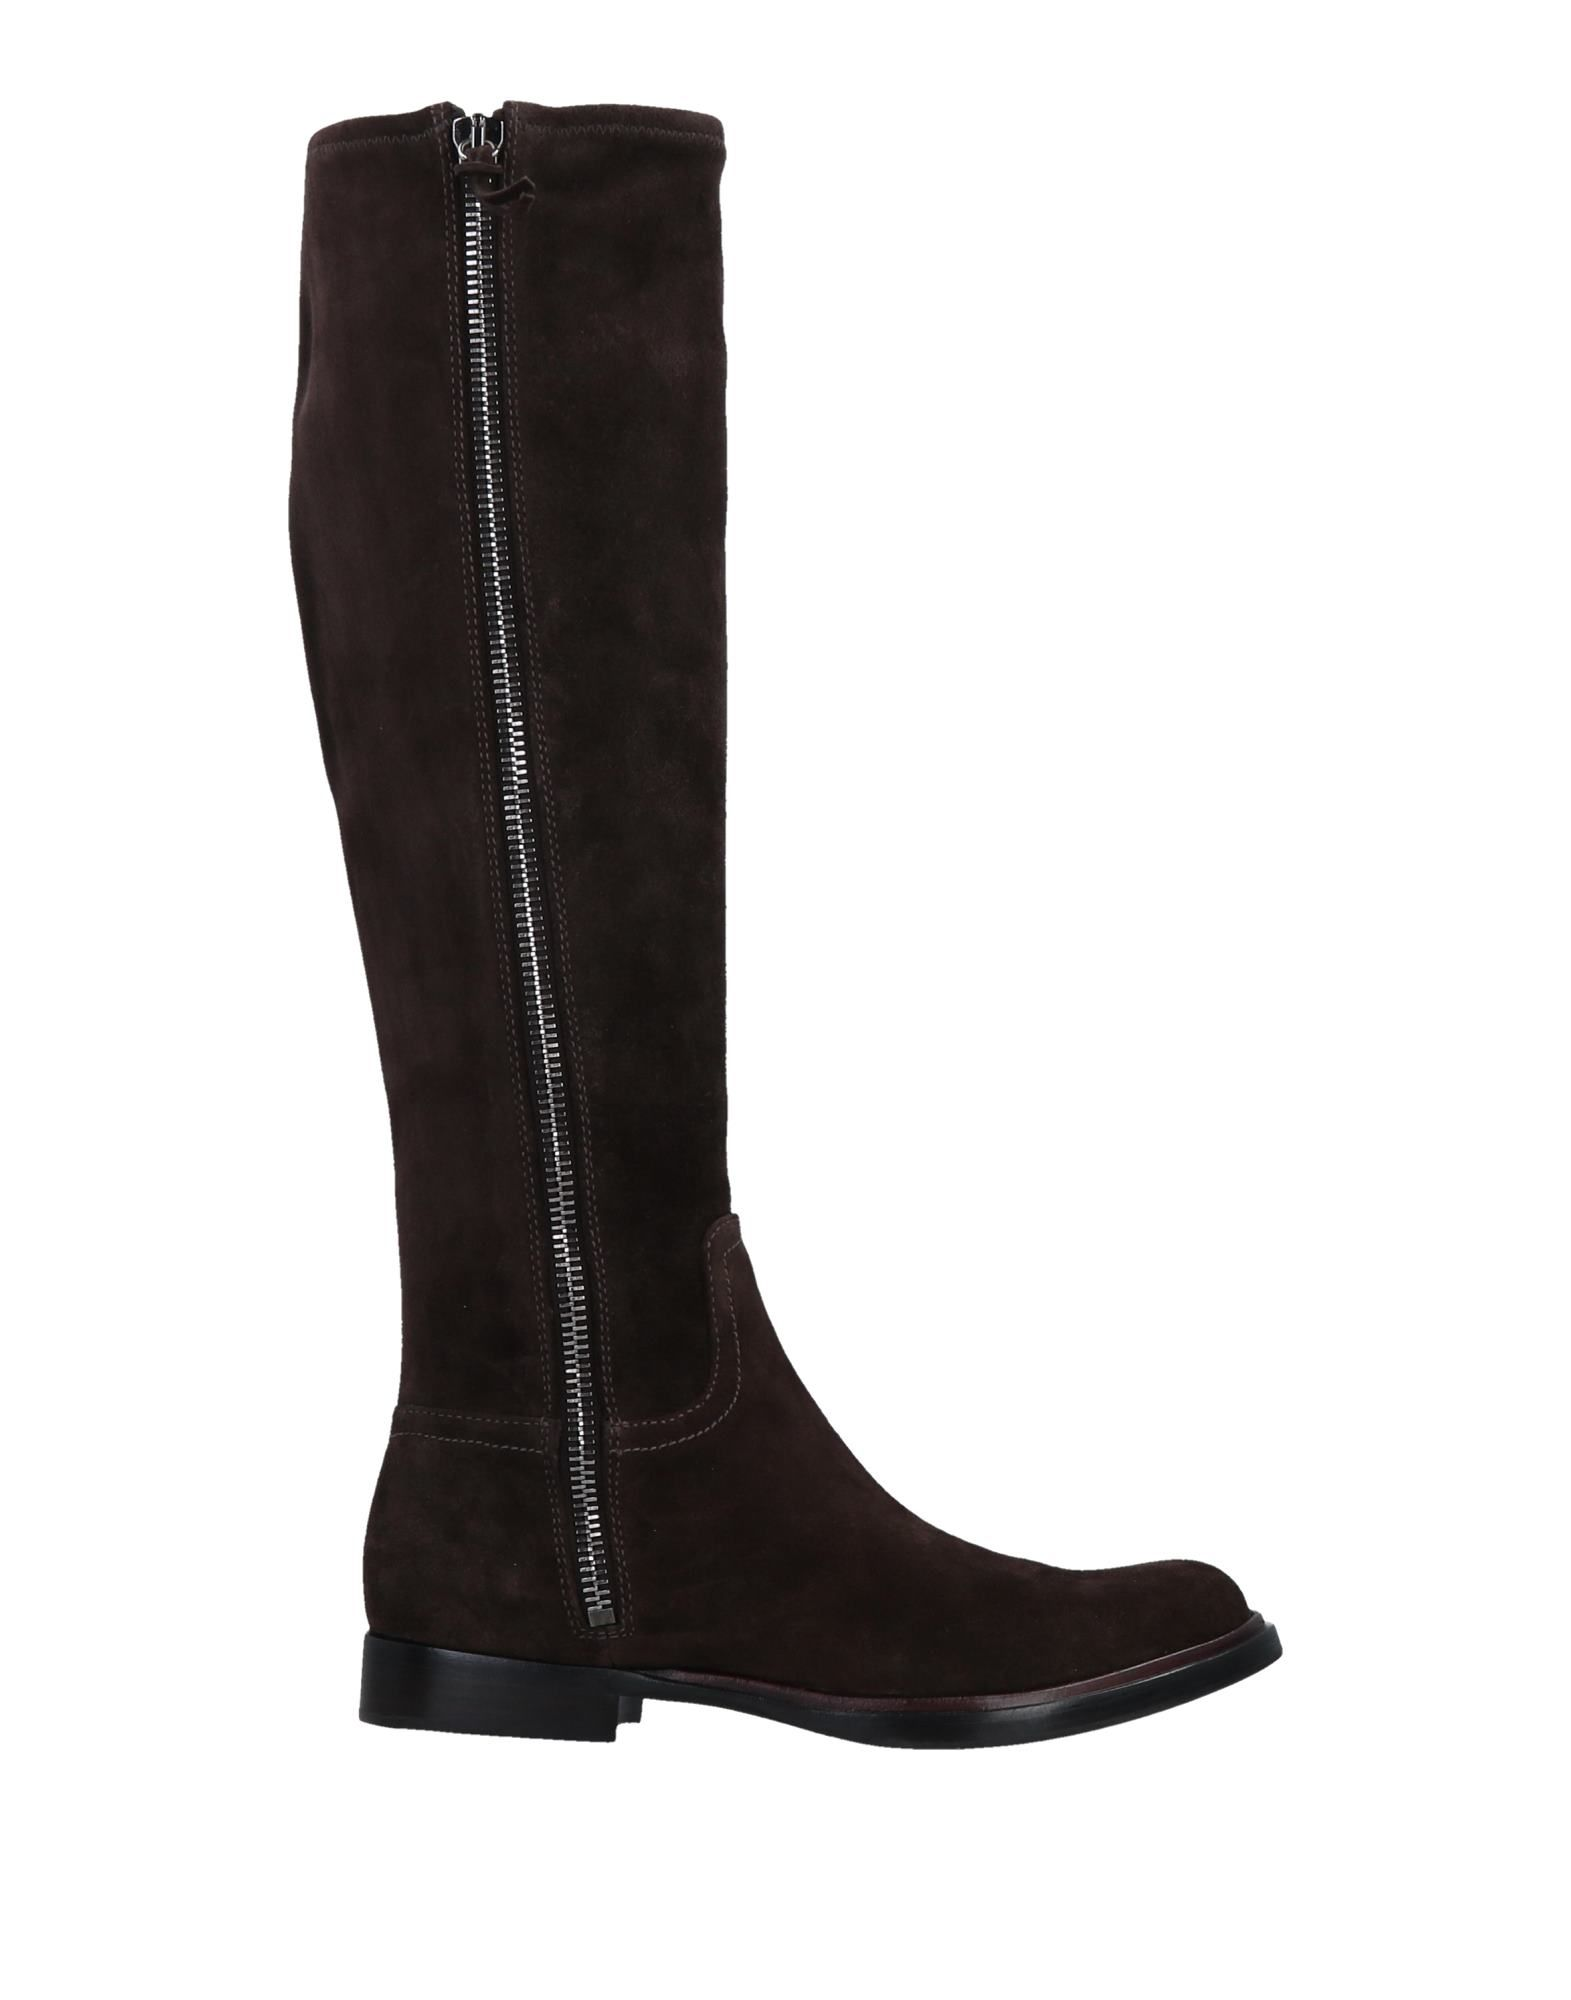 Miu Miu Boots - online Women Miu Miu Boots online - on  Australia - 11511623WC 523c81